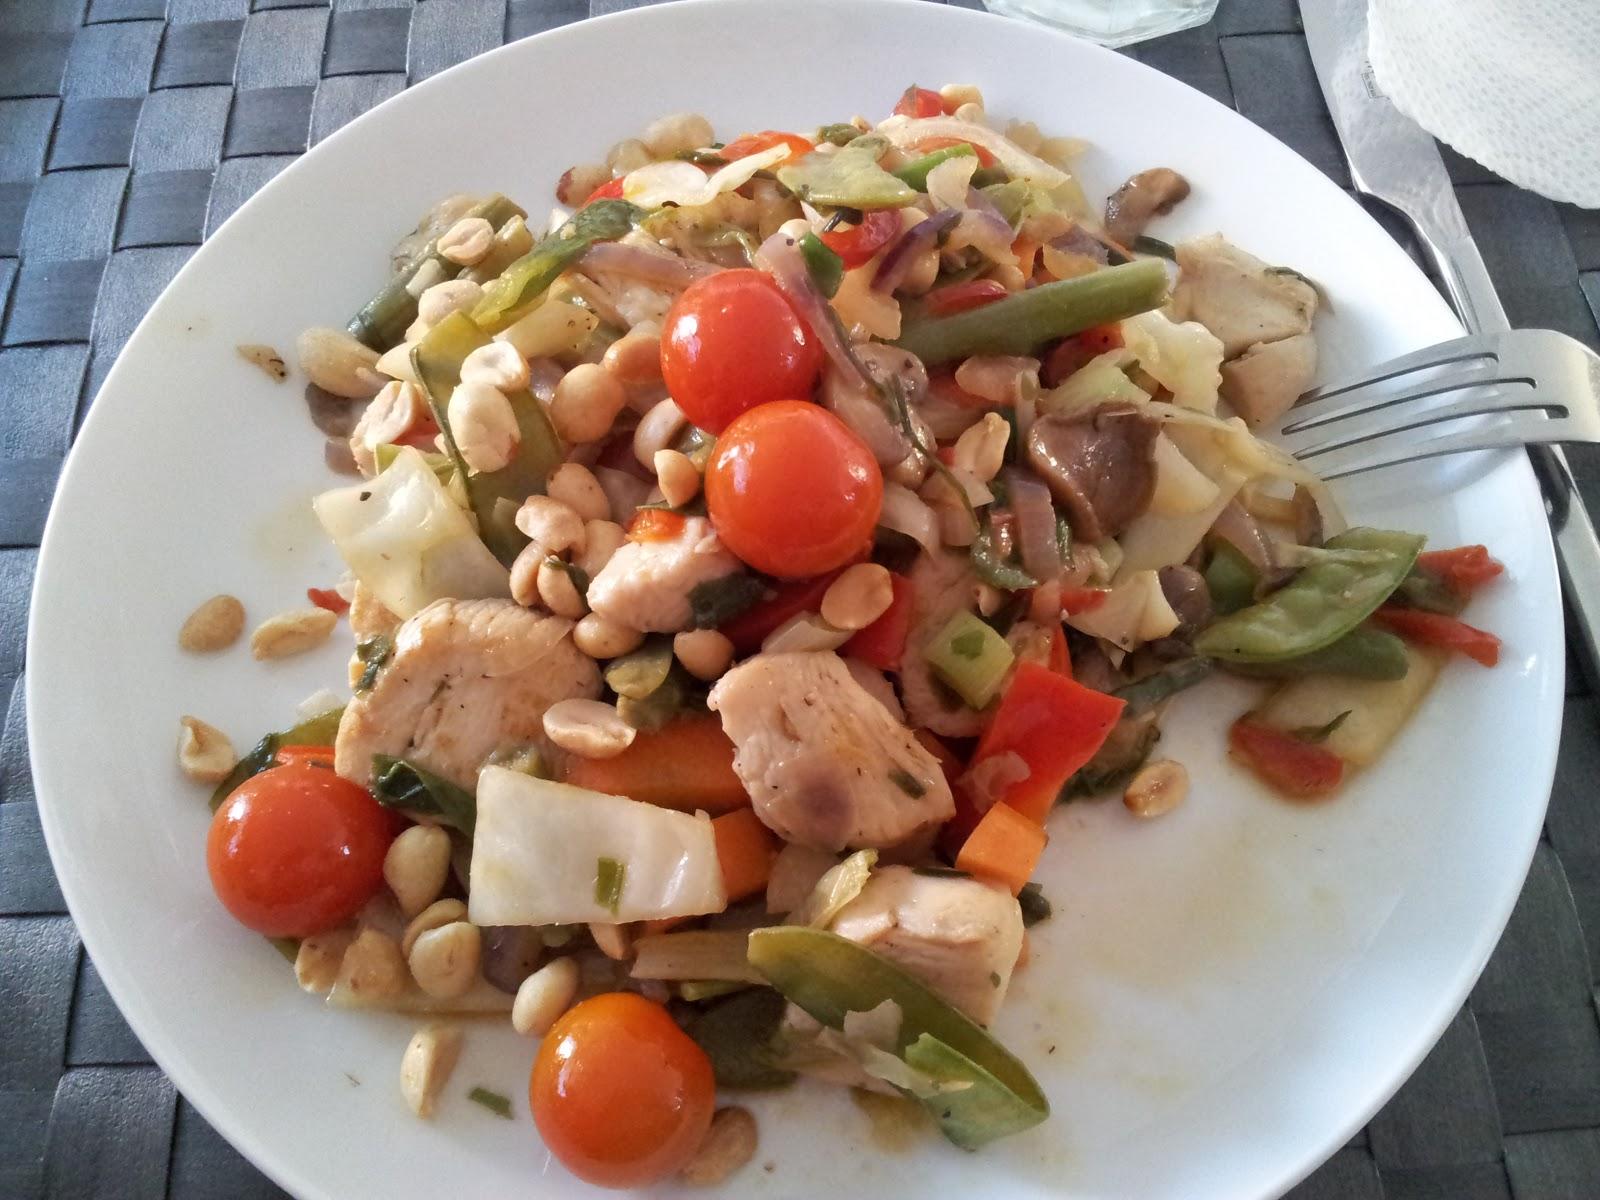 Sundt og lækkert: Wok med kylling og peanuts